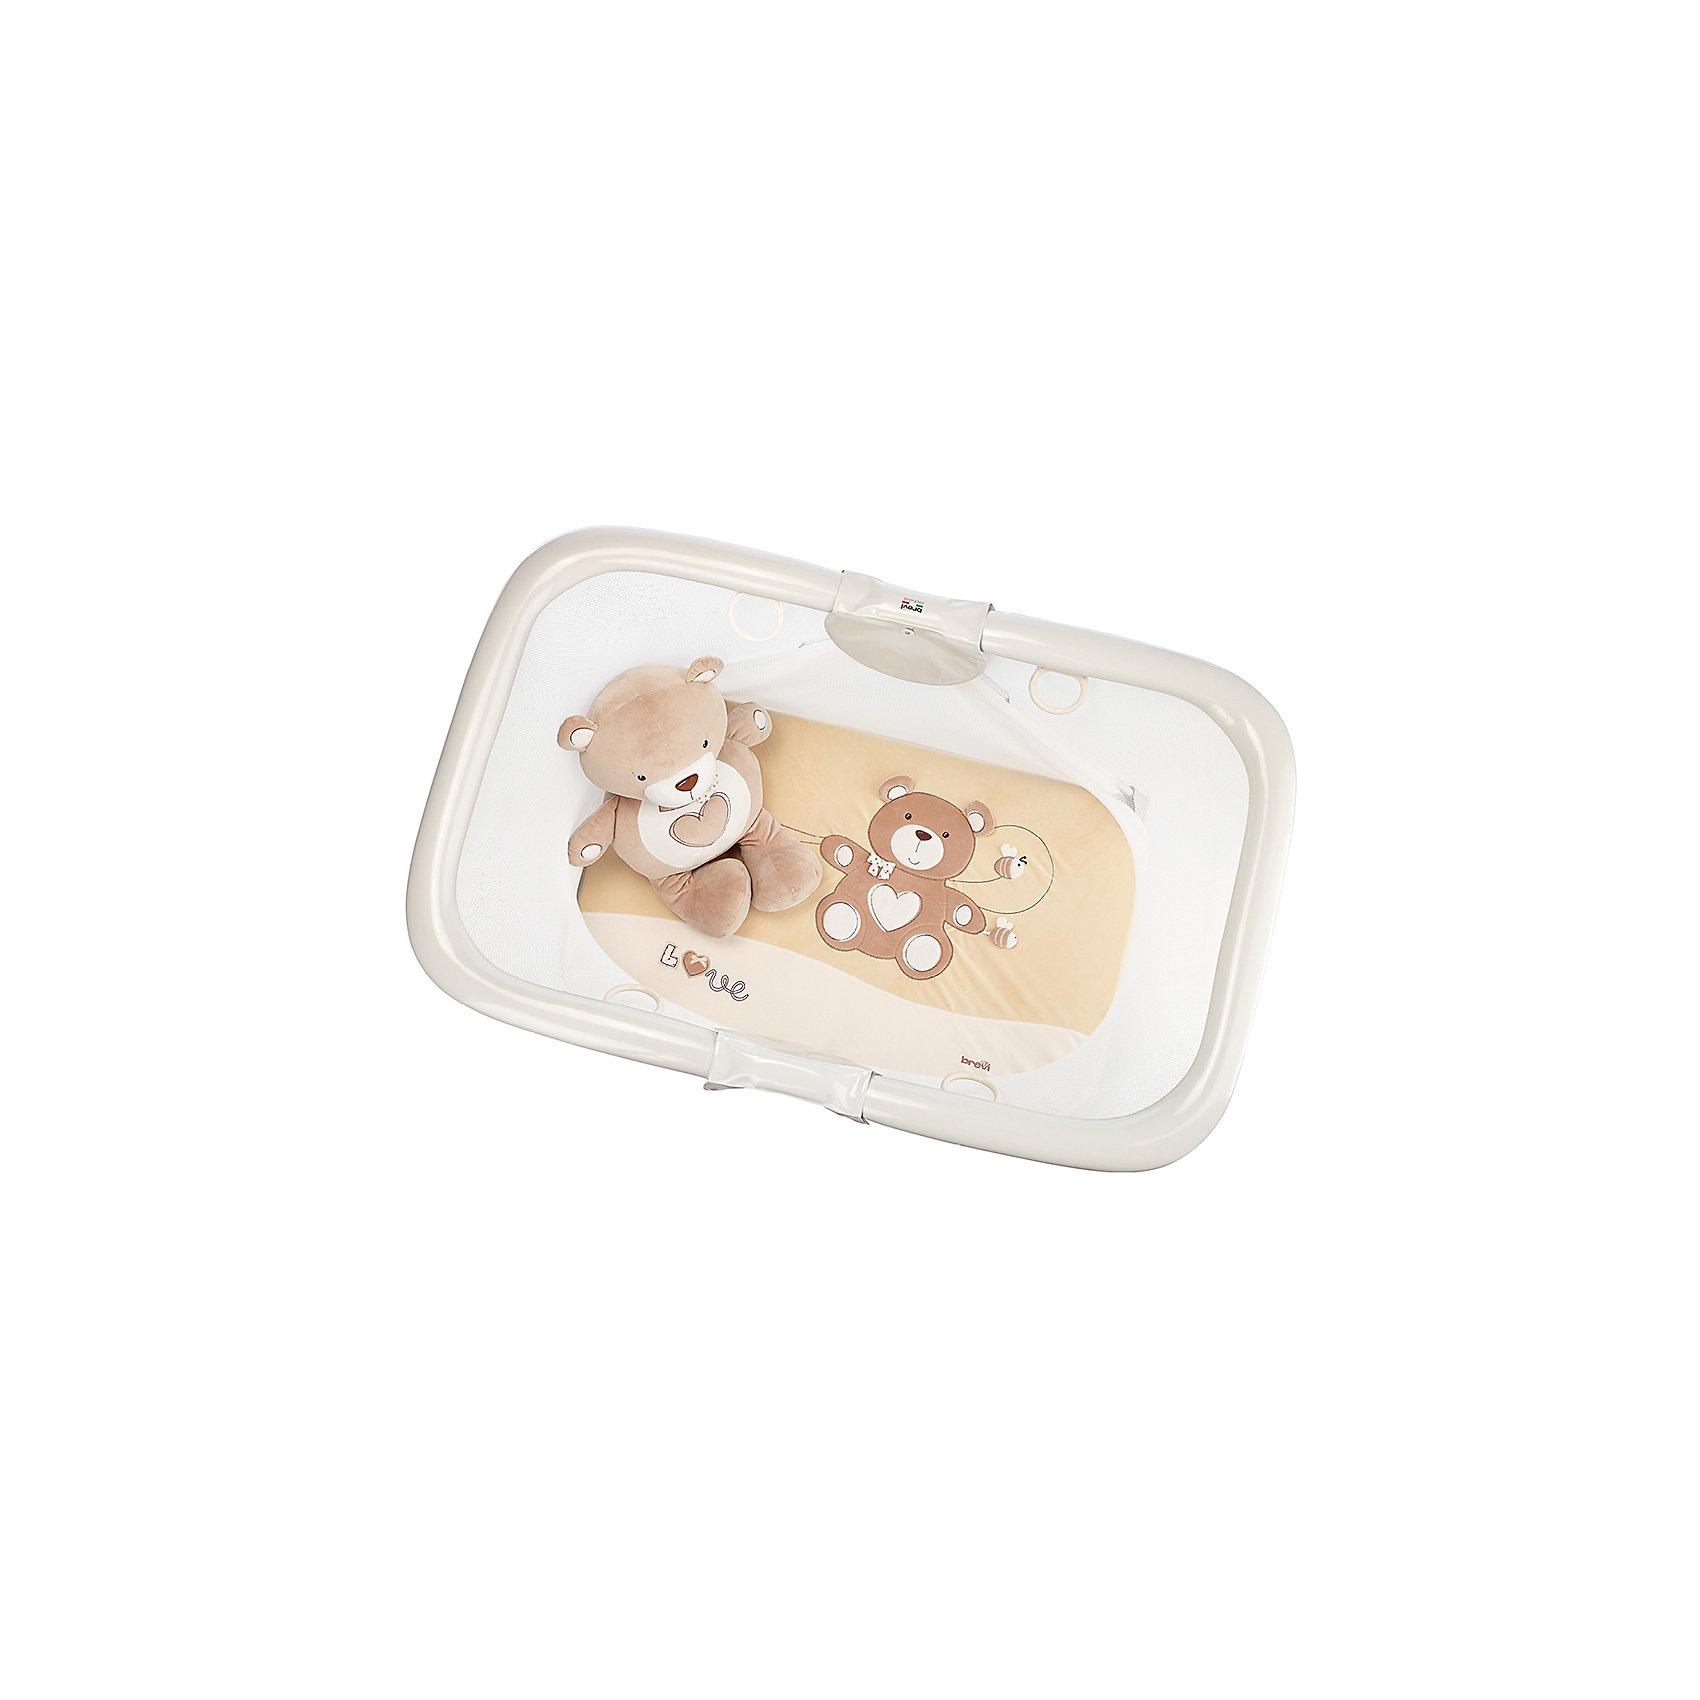 Манеж SOFT &amp; PLAY MY LITTLE BEAR, Brevi, бежевый/мишкаИгровые манежи<br>SOFT &amp; PLAY MY LITTLE BEAR, Brevi (брэви) – развивающий манеж, предназначенный для детей с рождения до 3 лет. С помощью этого манежа вы можете не только обеспечить ребенку безопасность в отсутствие родителей, но и помочь развитию малыша. Манеж оснащен четырьмя кольцами на бортиках, с помощью которых ваш ребенок сможет научиться вставать самостоятельно. В сложенном виде очень удобен для хранения и занимает мало места. Приятный дизайн обязательно понравится ребенку и позволит ему погрузиться в свой собственный мир игр.<br>Особенности и преимущества:<br>-четыре ручки для удобства малыша<br>-четыре блокирующих устройства, обеспечивающих устойчивость<br>-ткани манежа можно стирать <br>-мягкий матрасик с медвежонком для игр<br>Размеры: 79x78x125 см<br>Вес: 14 кг<br>Вы можете приобрести SOFT &amp; PLAY MY LITTLE BEAR в нашем интернет-магазине.<br><br>Ширина мм: 1250<br>Глубина мм: 790<br>Высота мм: 790<br>Вес г: 14000<br>Возраст от месяцев: 3<br>Возраст до месяцев: 36<br>Пол: Унисекс<br>Возраст: Детский<br>SKU: 4902068